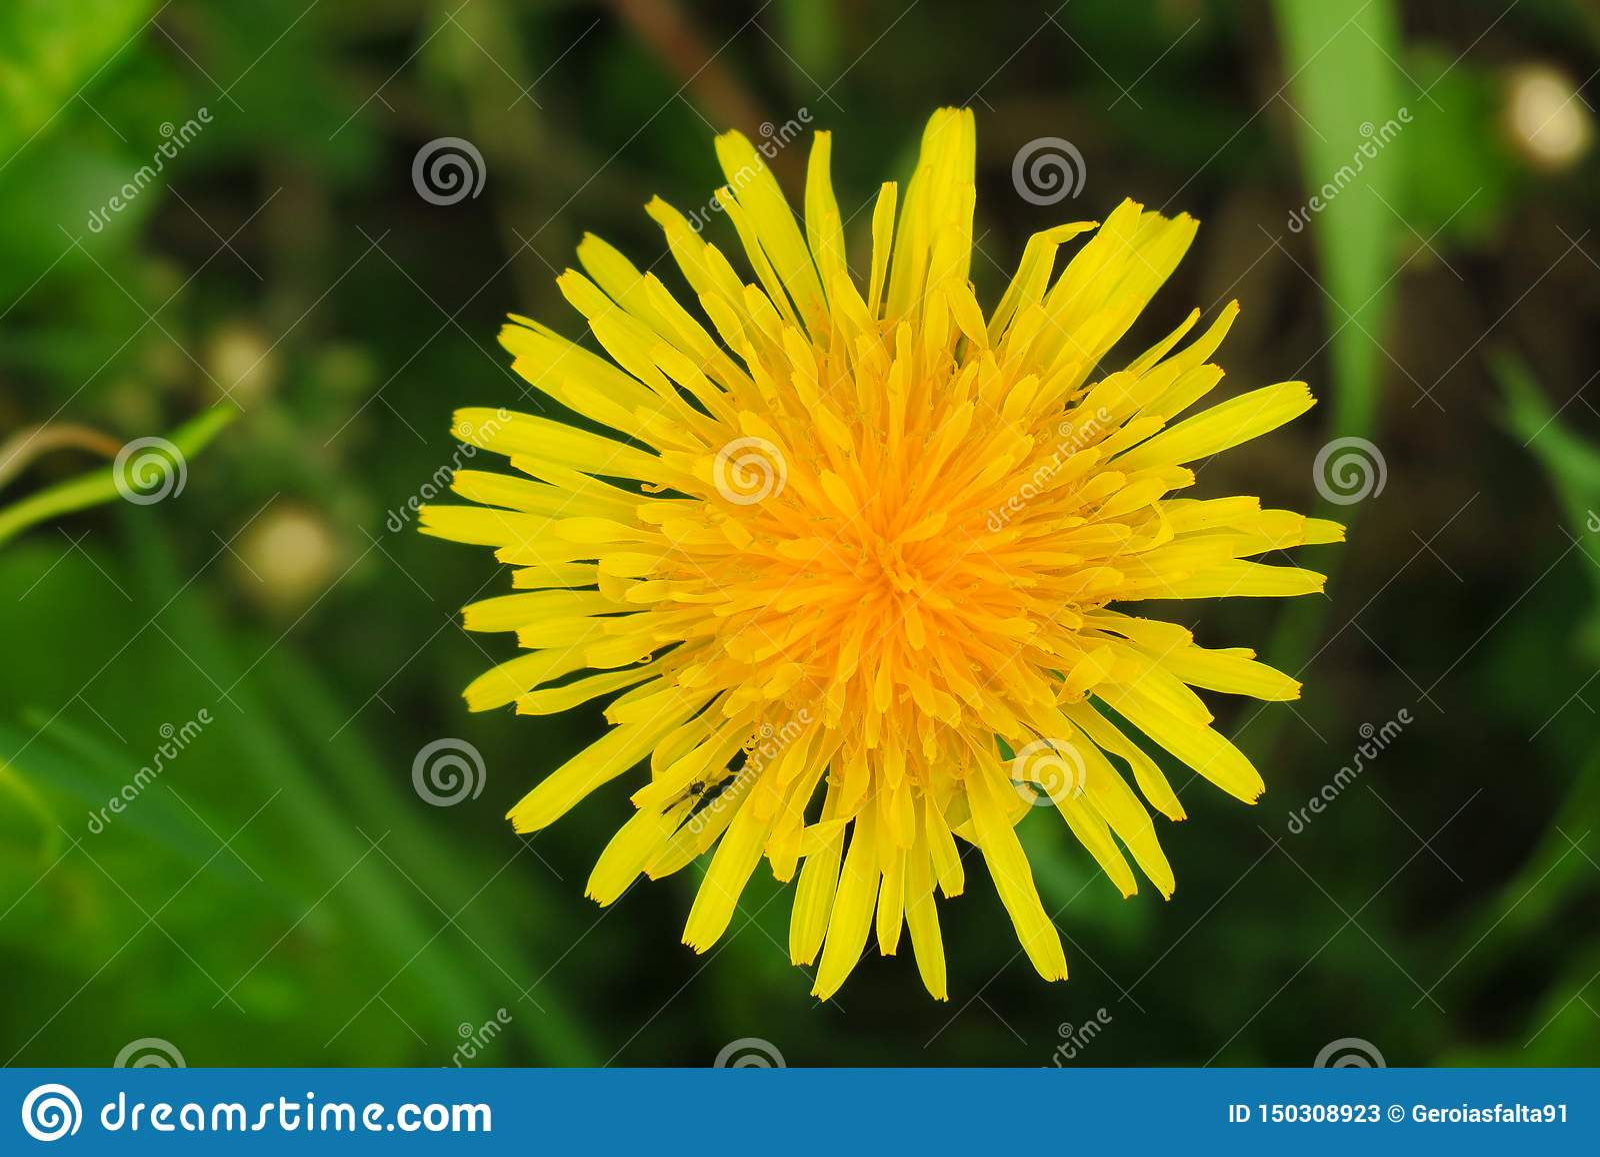 Macro photo d une usine de pissenlit Usine de pissenlit avec un bourgeon jaune pelucheux Horticulture jaune de pissenlit dans la